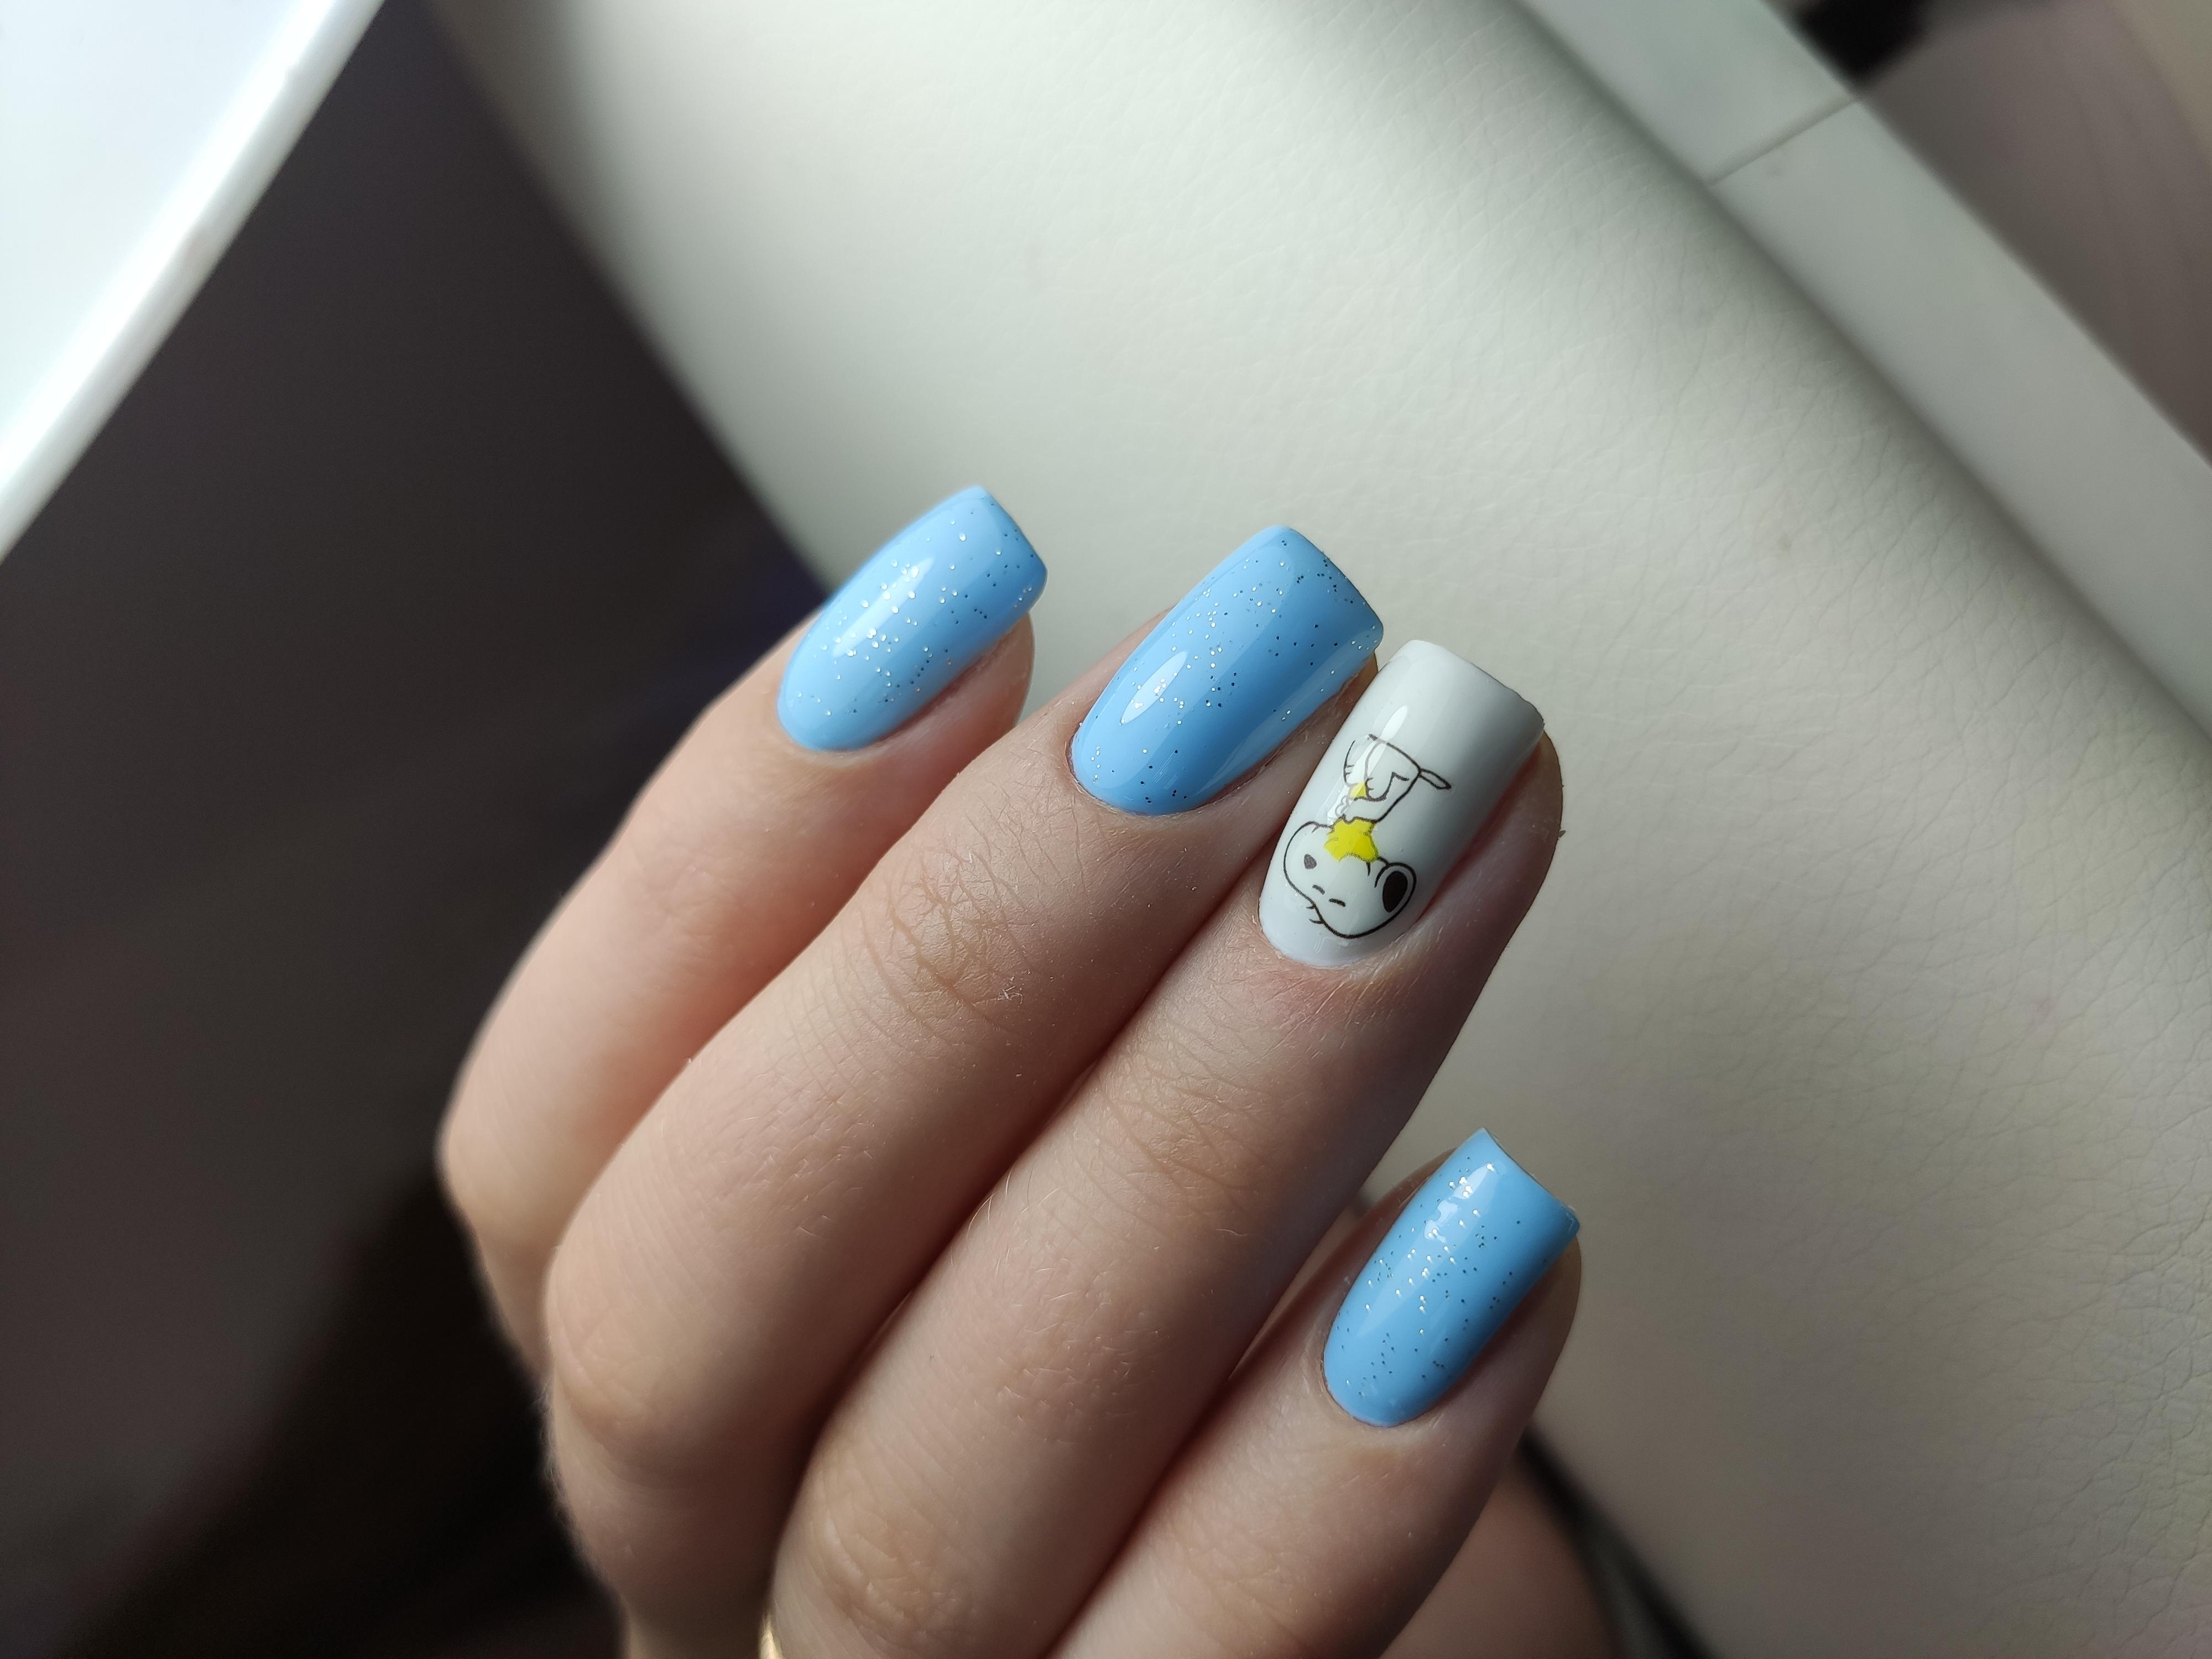 Маникюр с мультяшным рисунком в голубом цвете.